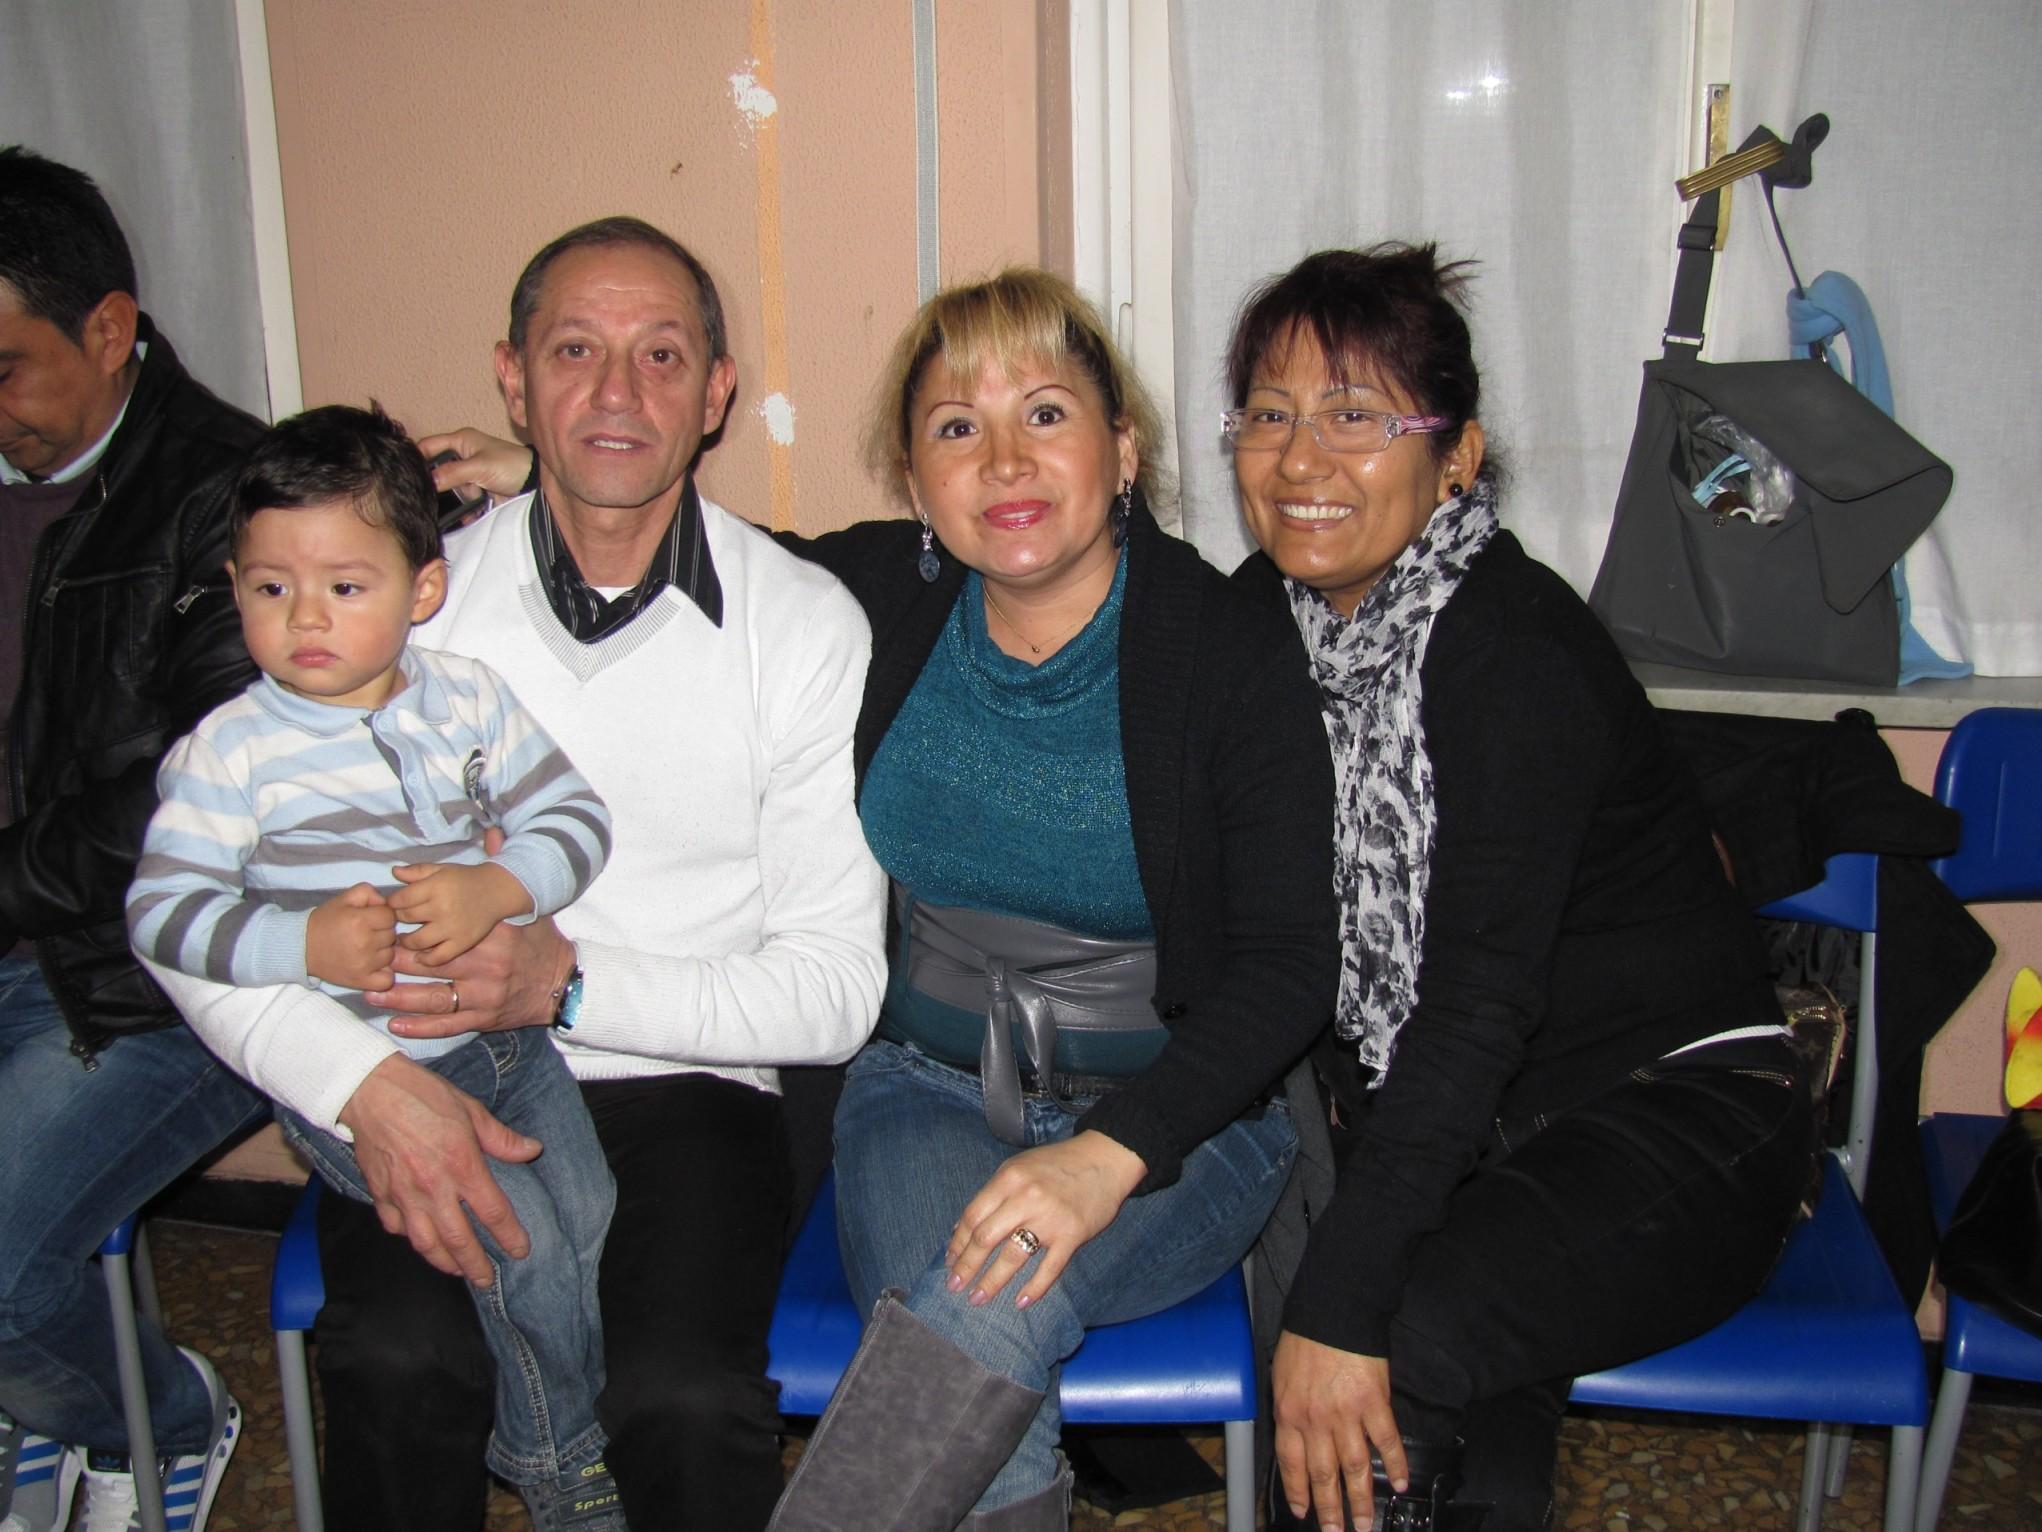 festa_battesimo_gesu_bambini_2012-01-22-17-13-11